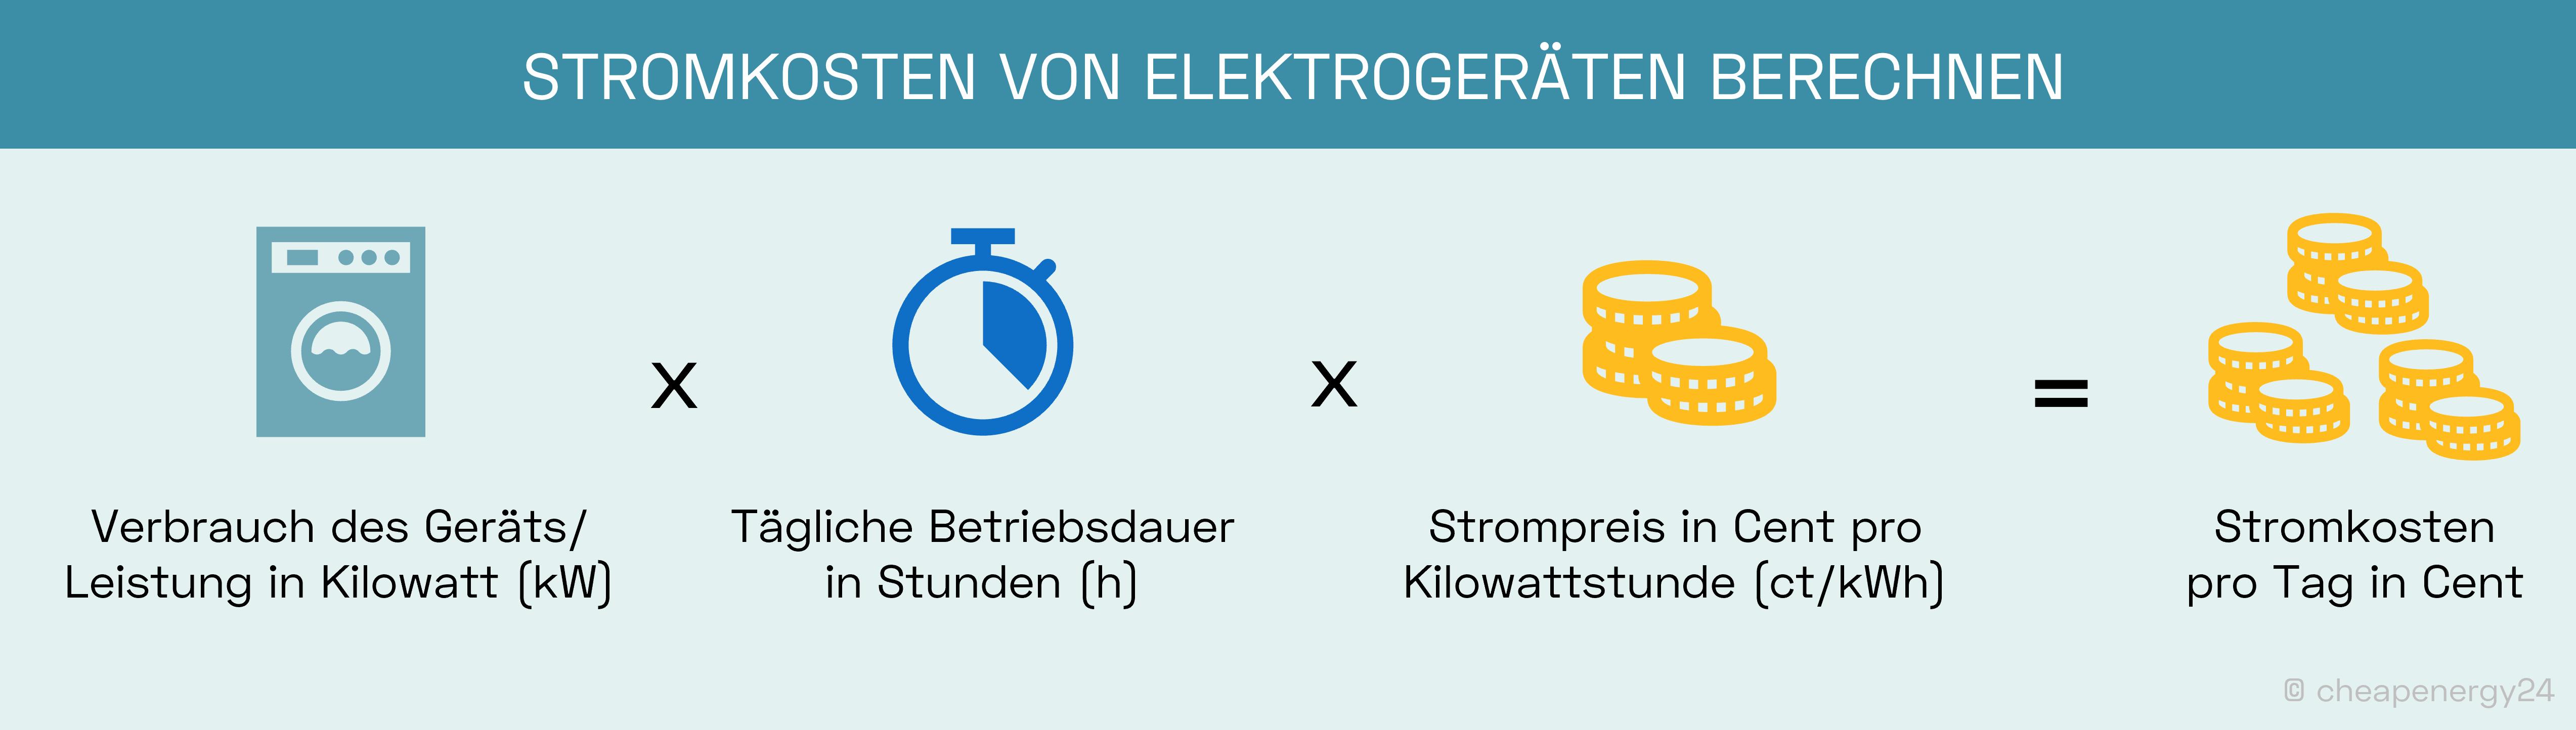 Stromkosten von Elektrogeräten berechnen